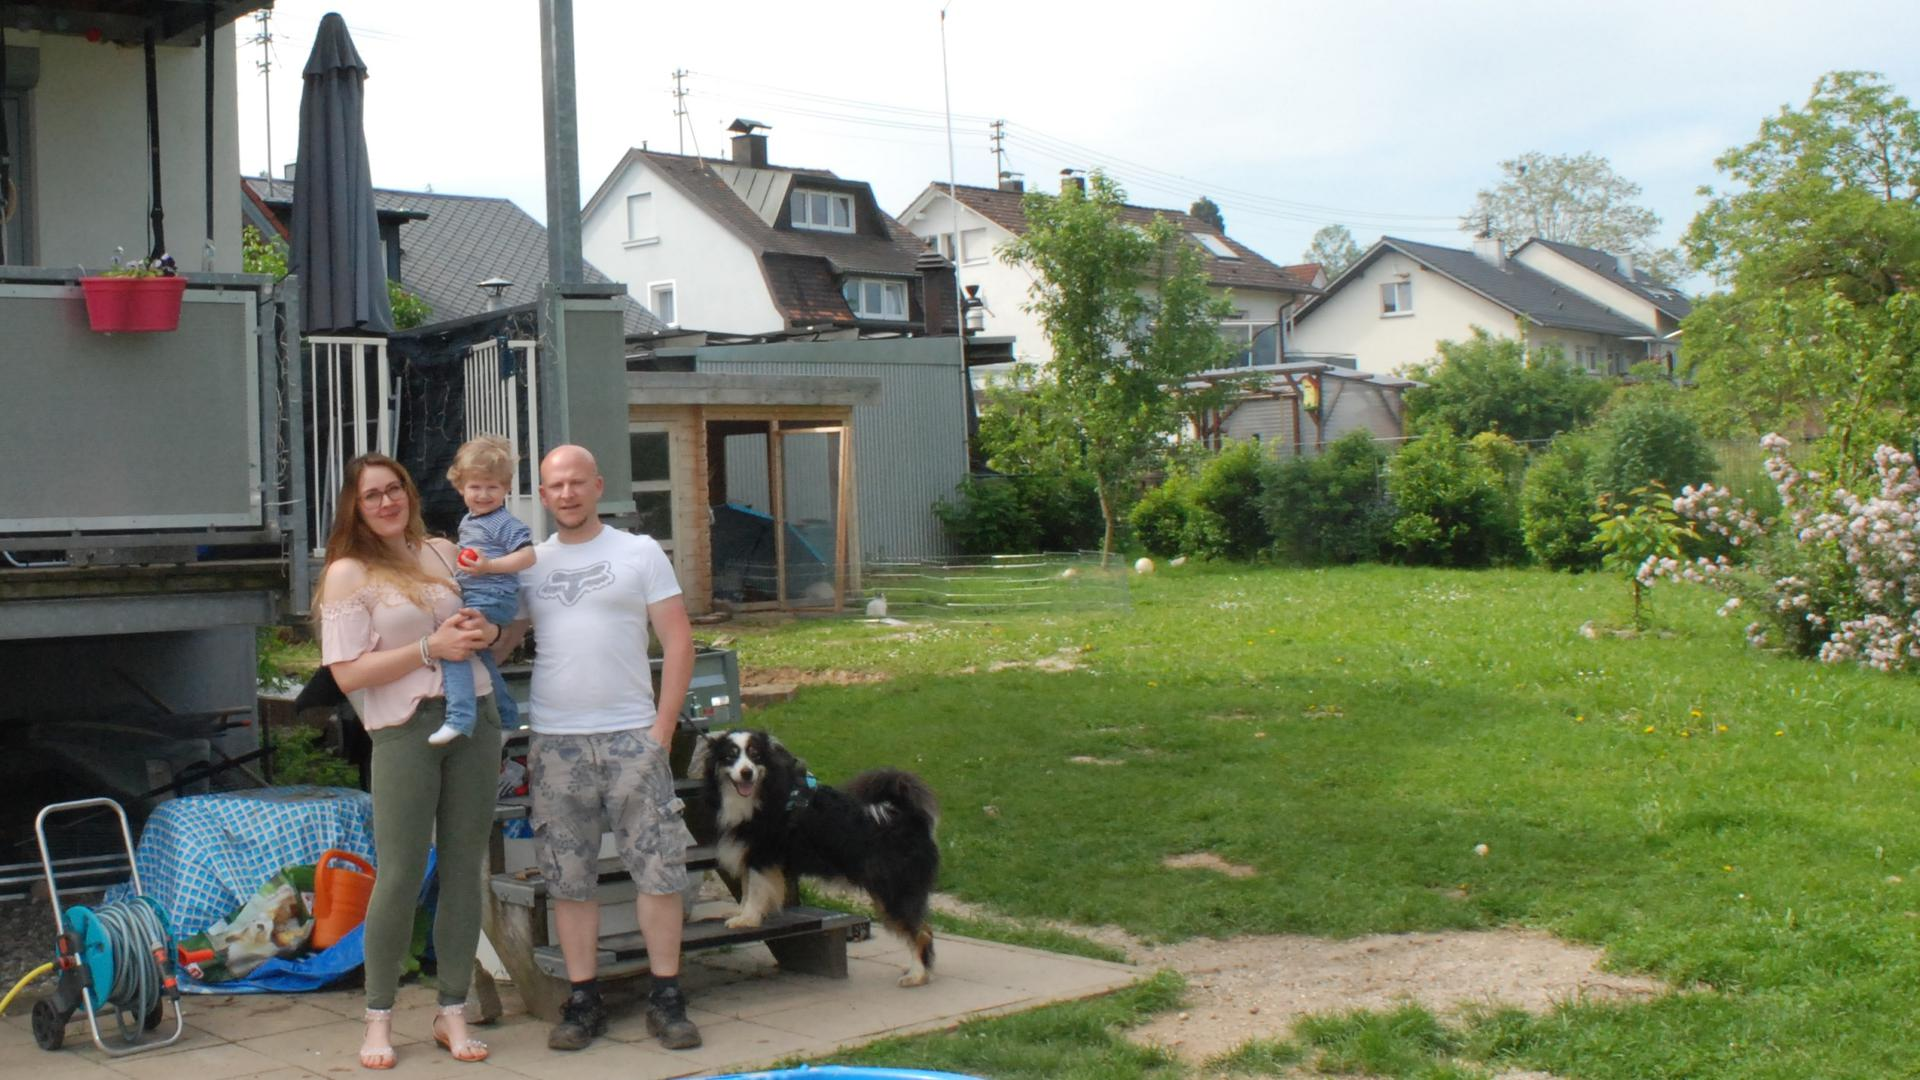 Ariane und Christian Klanke mit ihrem Sohn vor ihrem Haus in Baden-Baden-Balg.